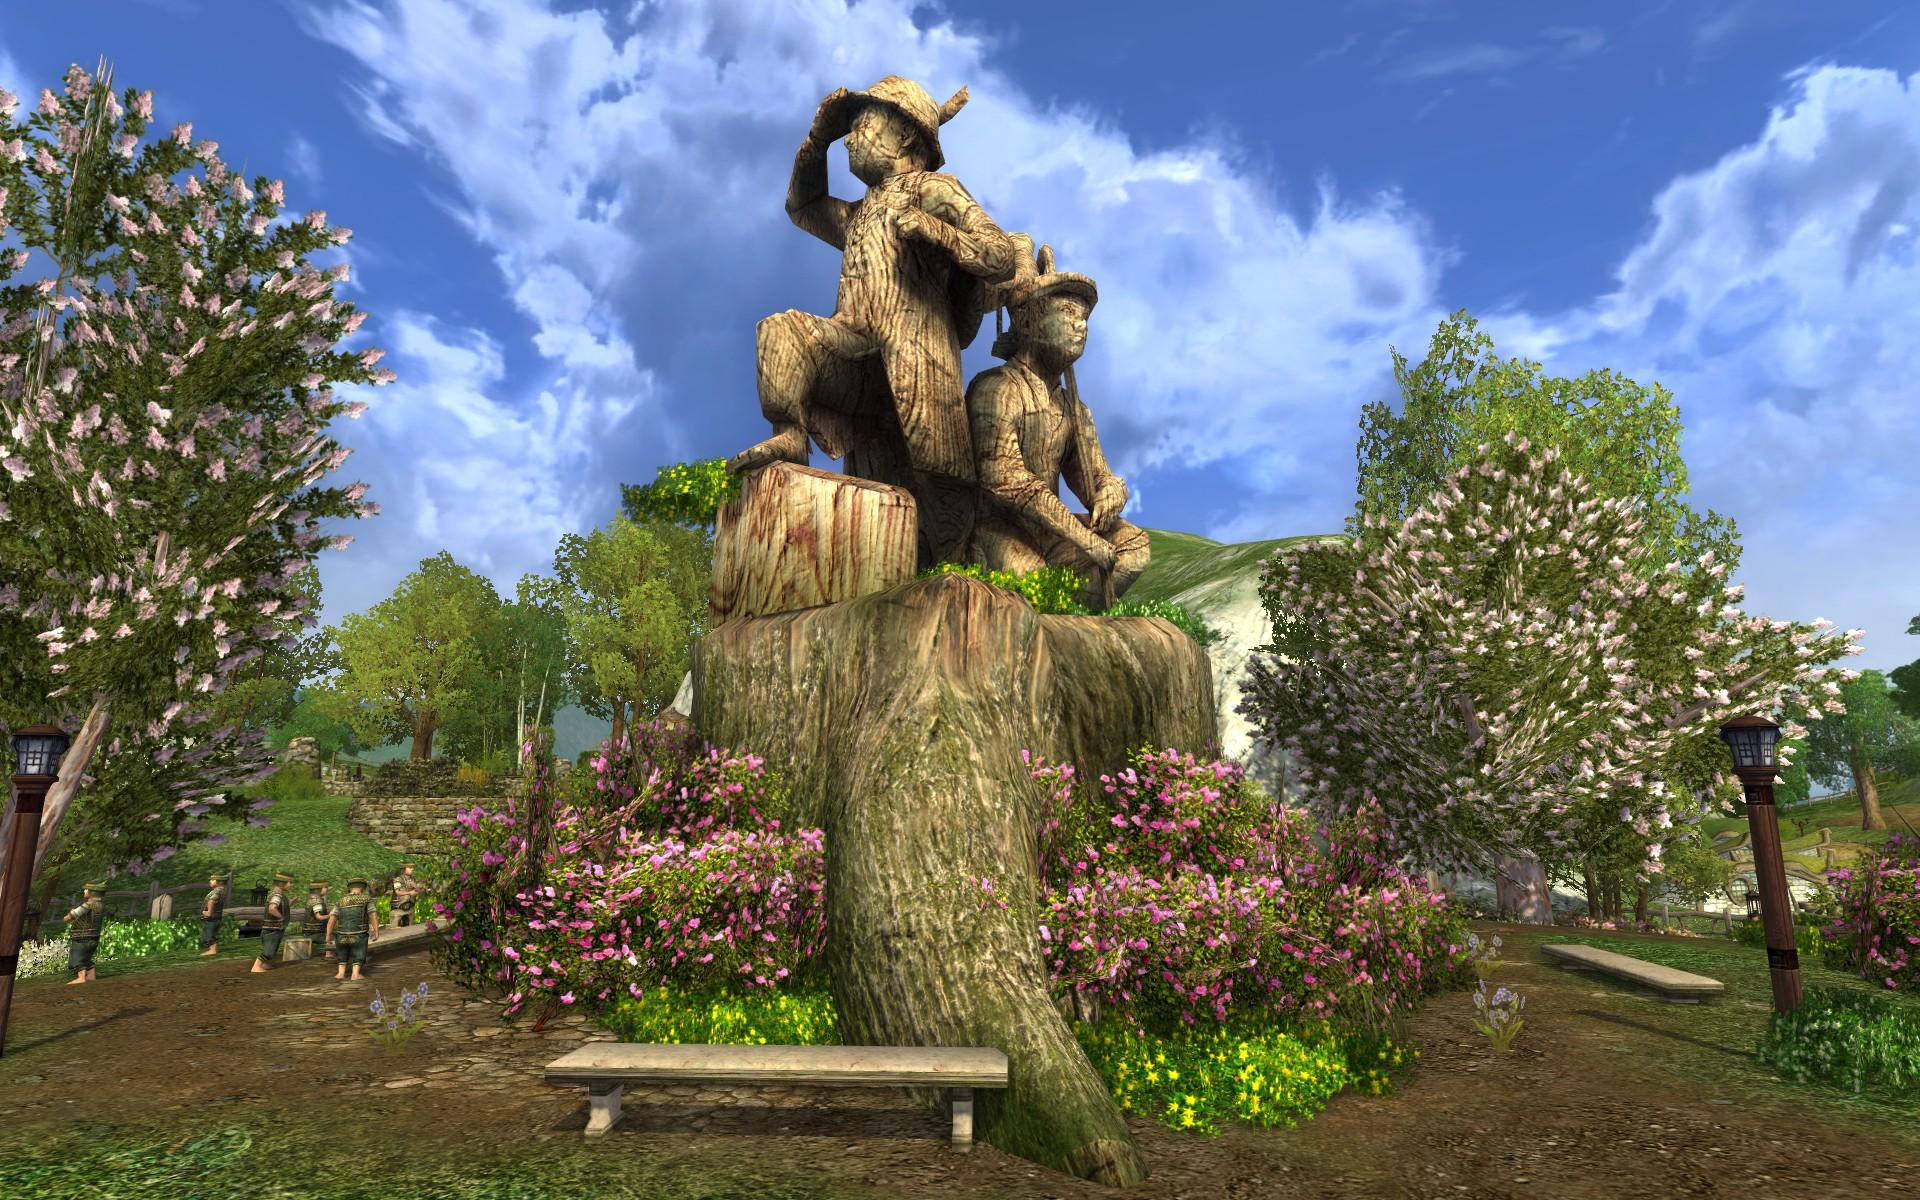 『ロード・オブ・ザ・リングス オンライン』における、大堀町のマルコとブランコの像